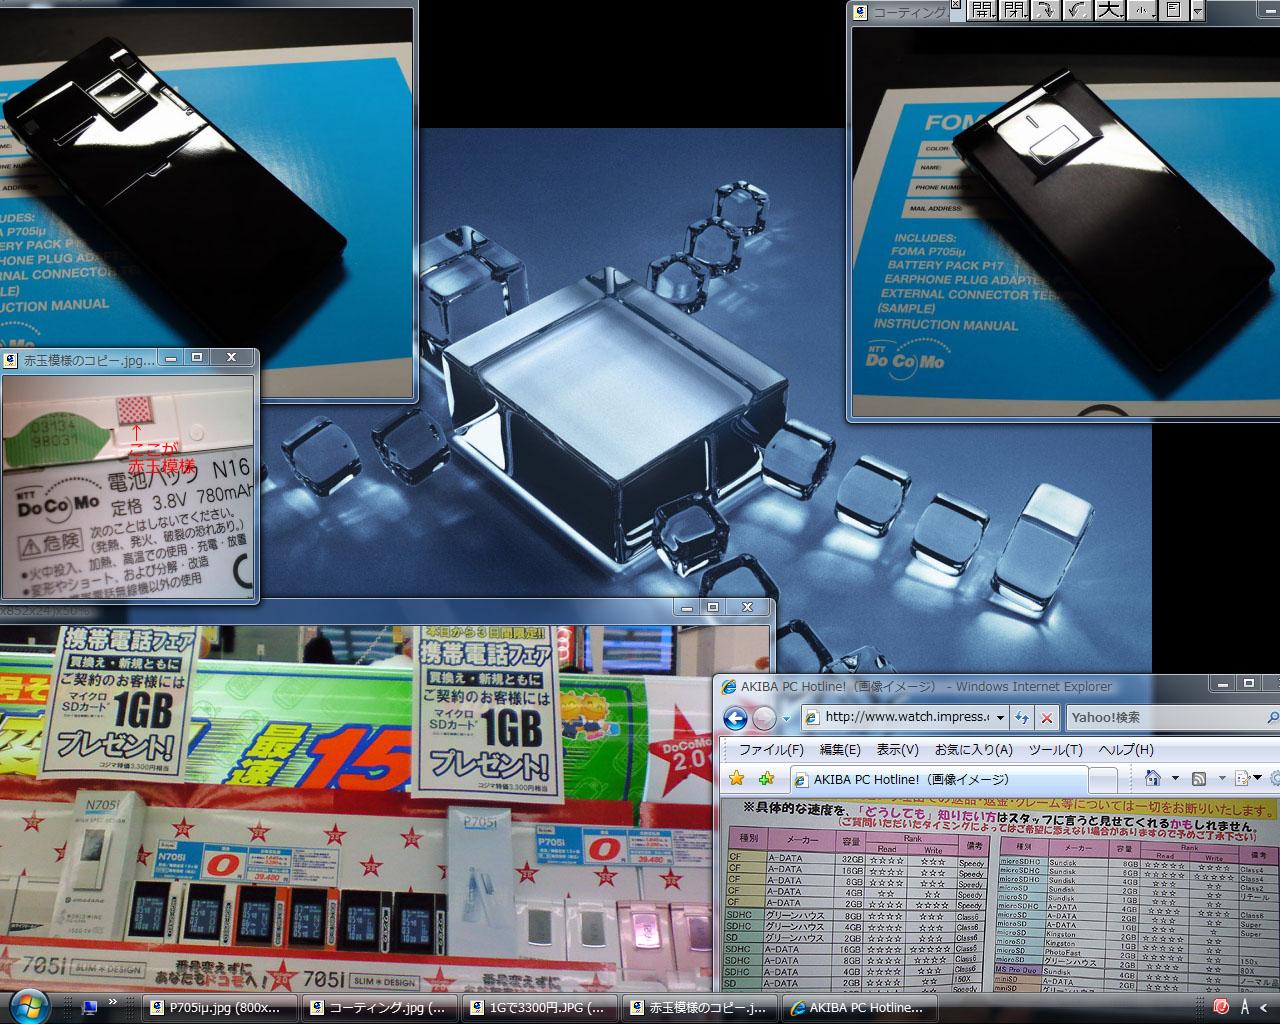 P705iμ・microSDカード速度